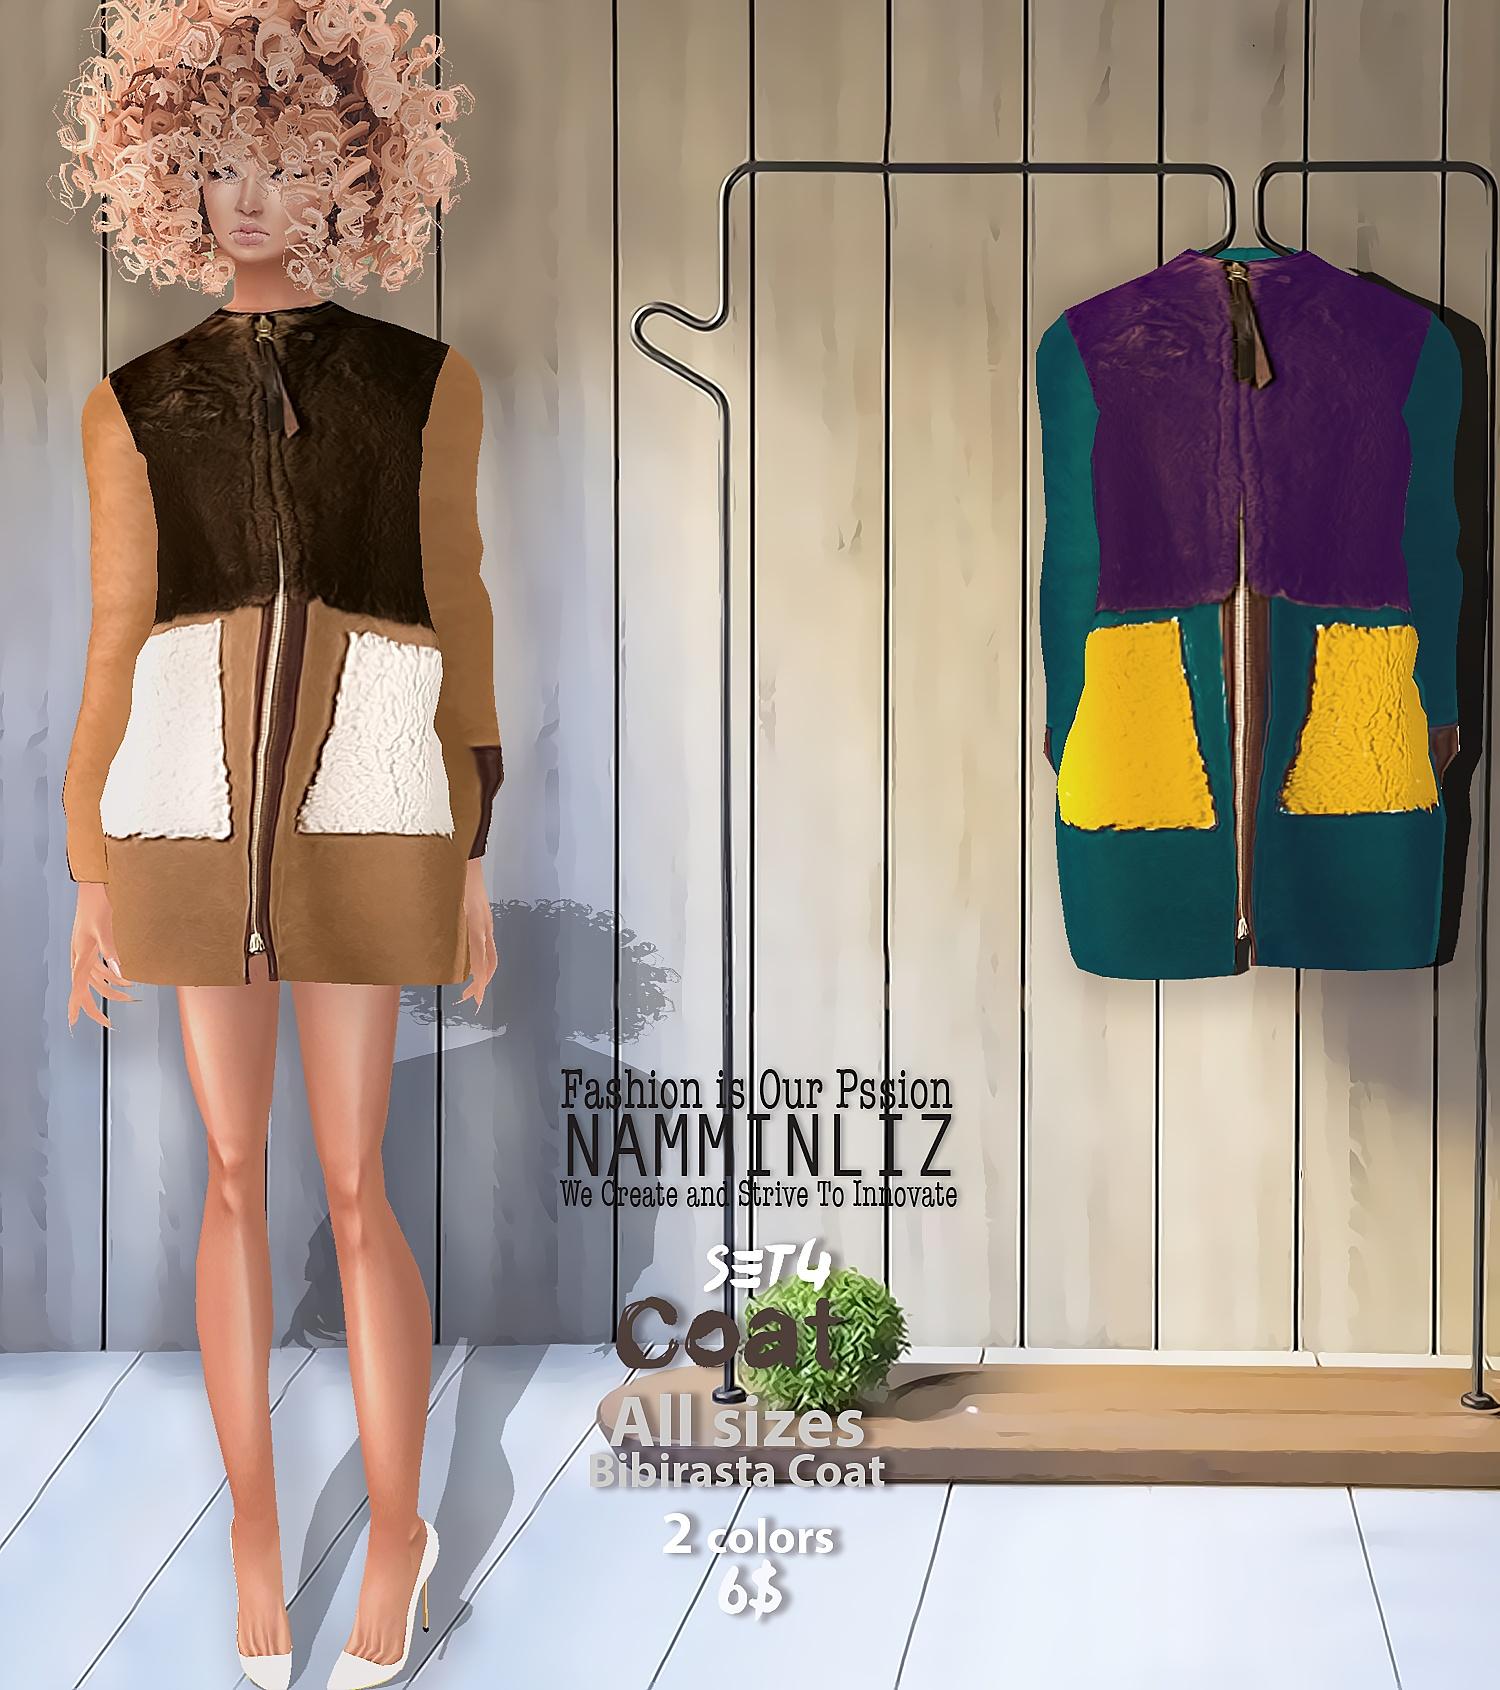 Coat SET4  Bibirasta Coat  All sizes w/ 2 Different colors